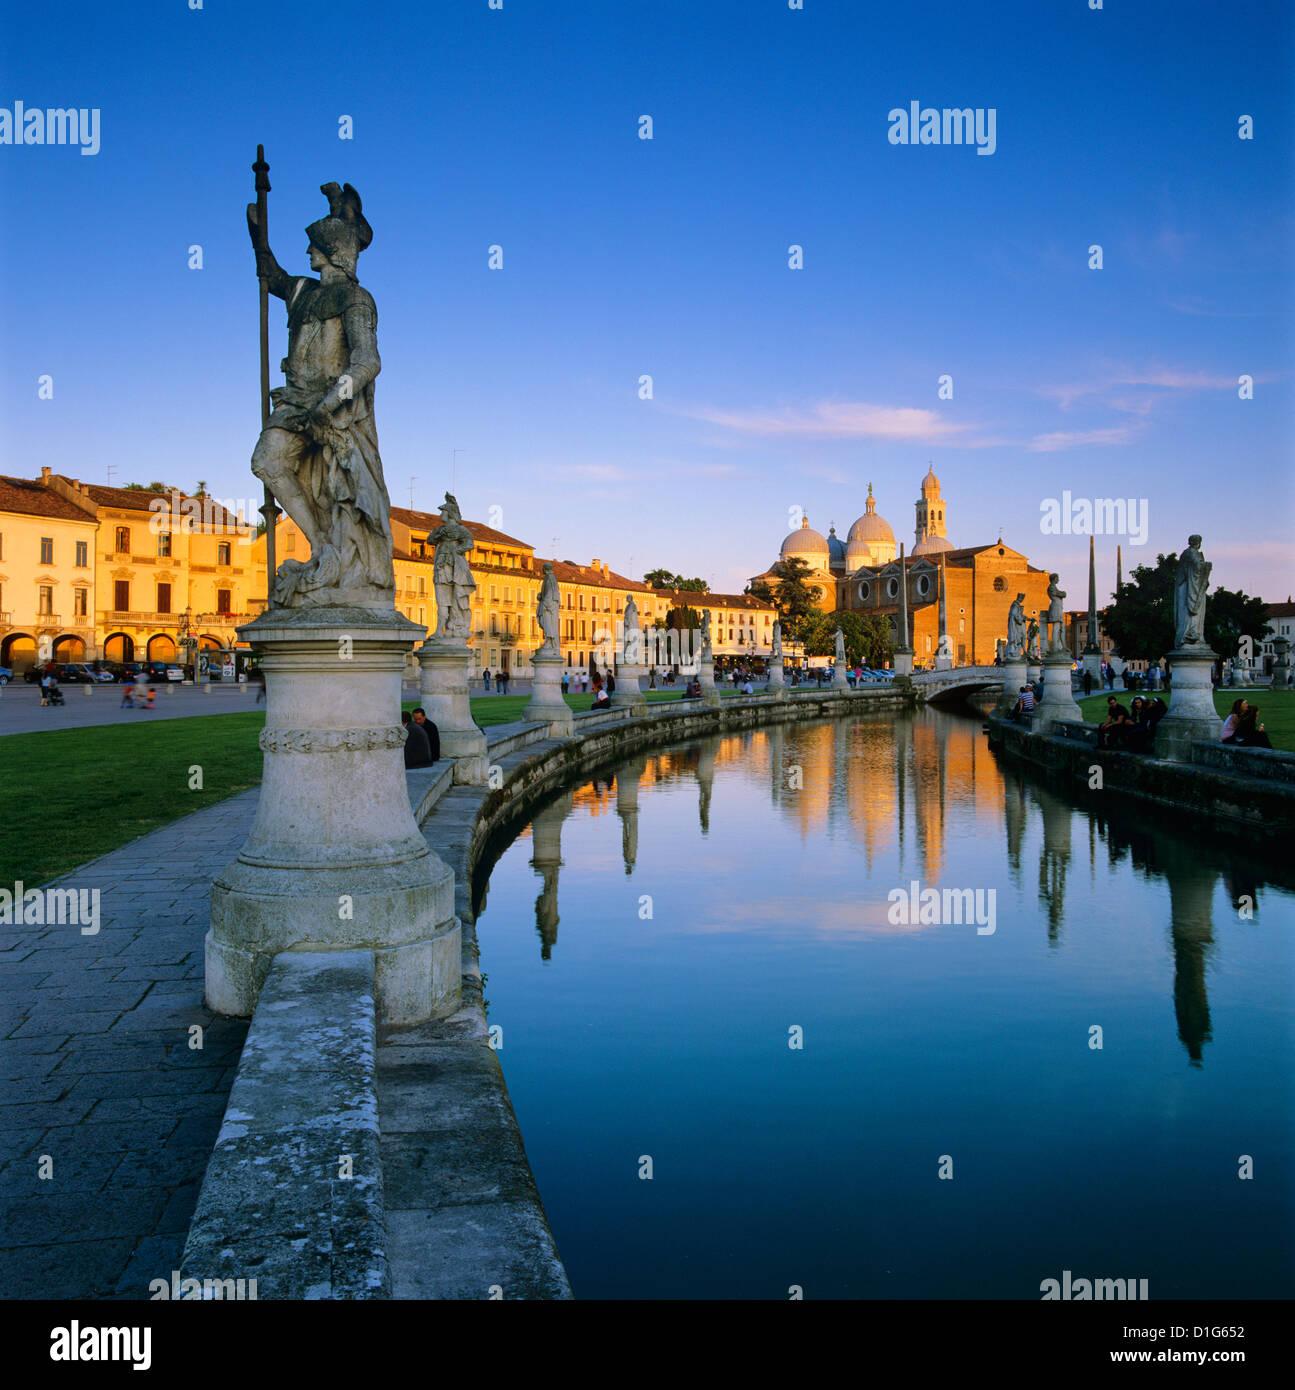 Prato della Valle and Santa Giustina, Padua, Veneto, Italy, Europe - Stock Image